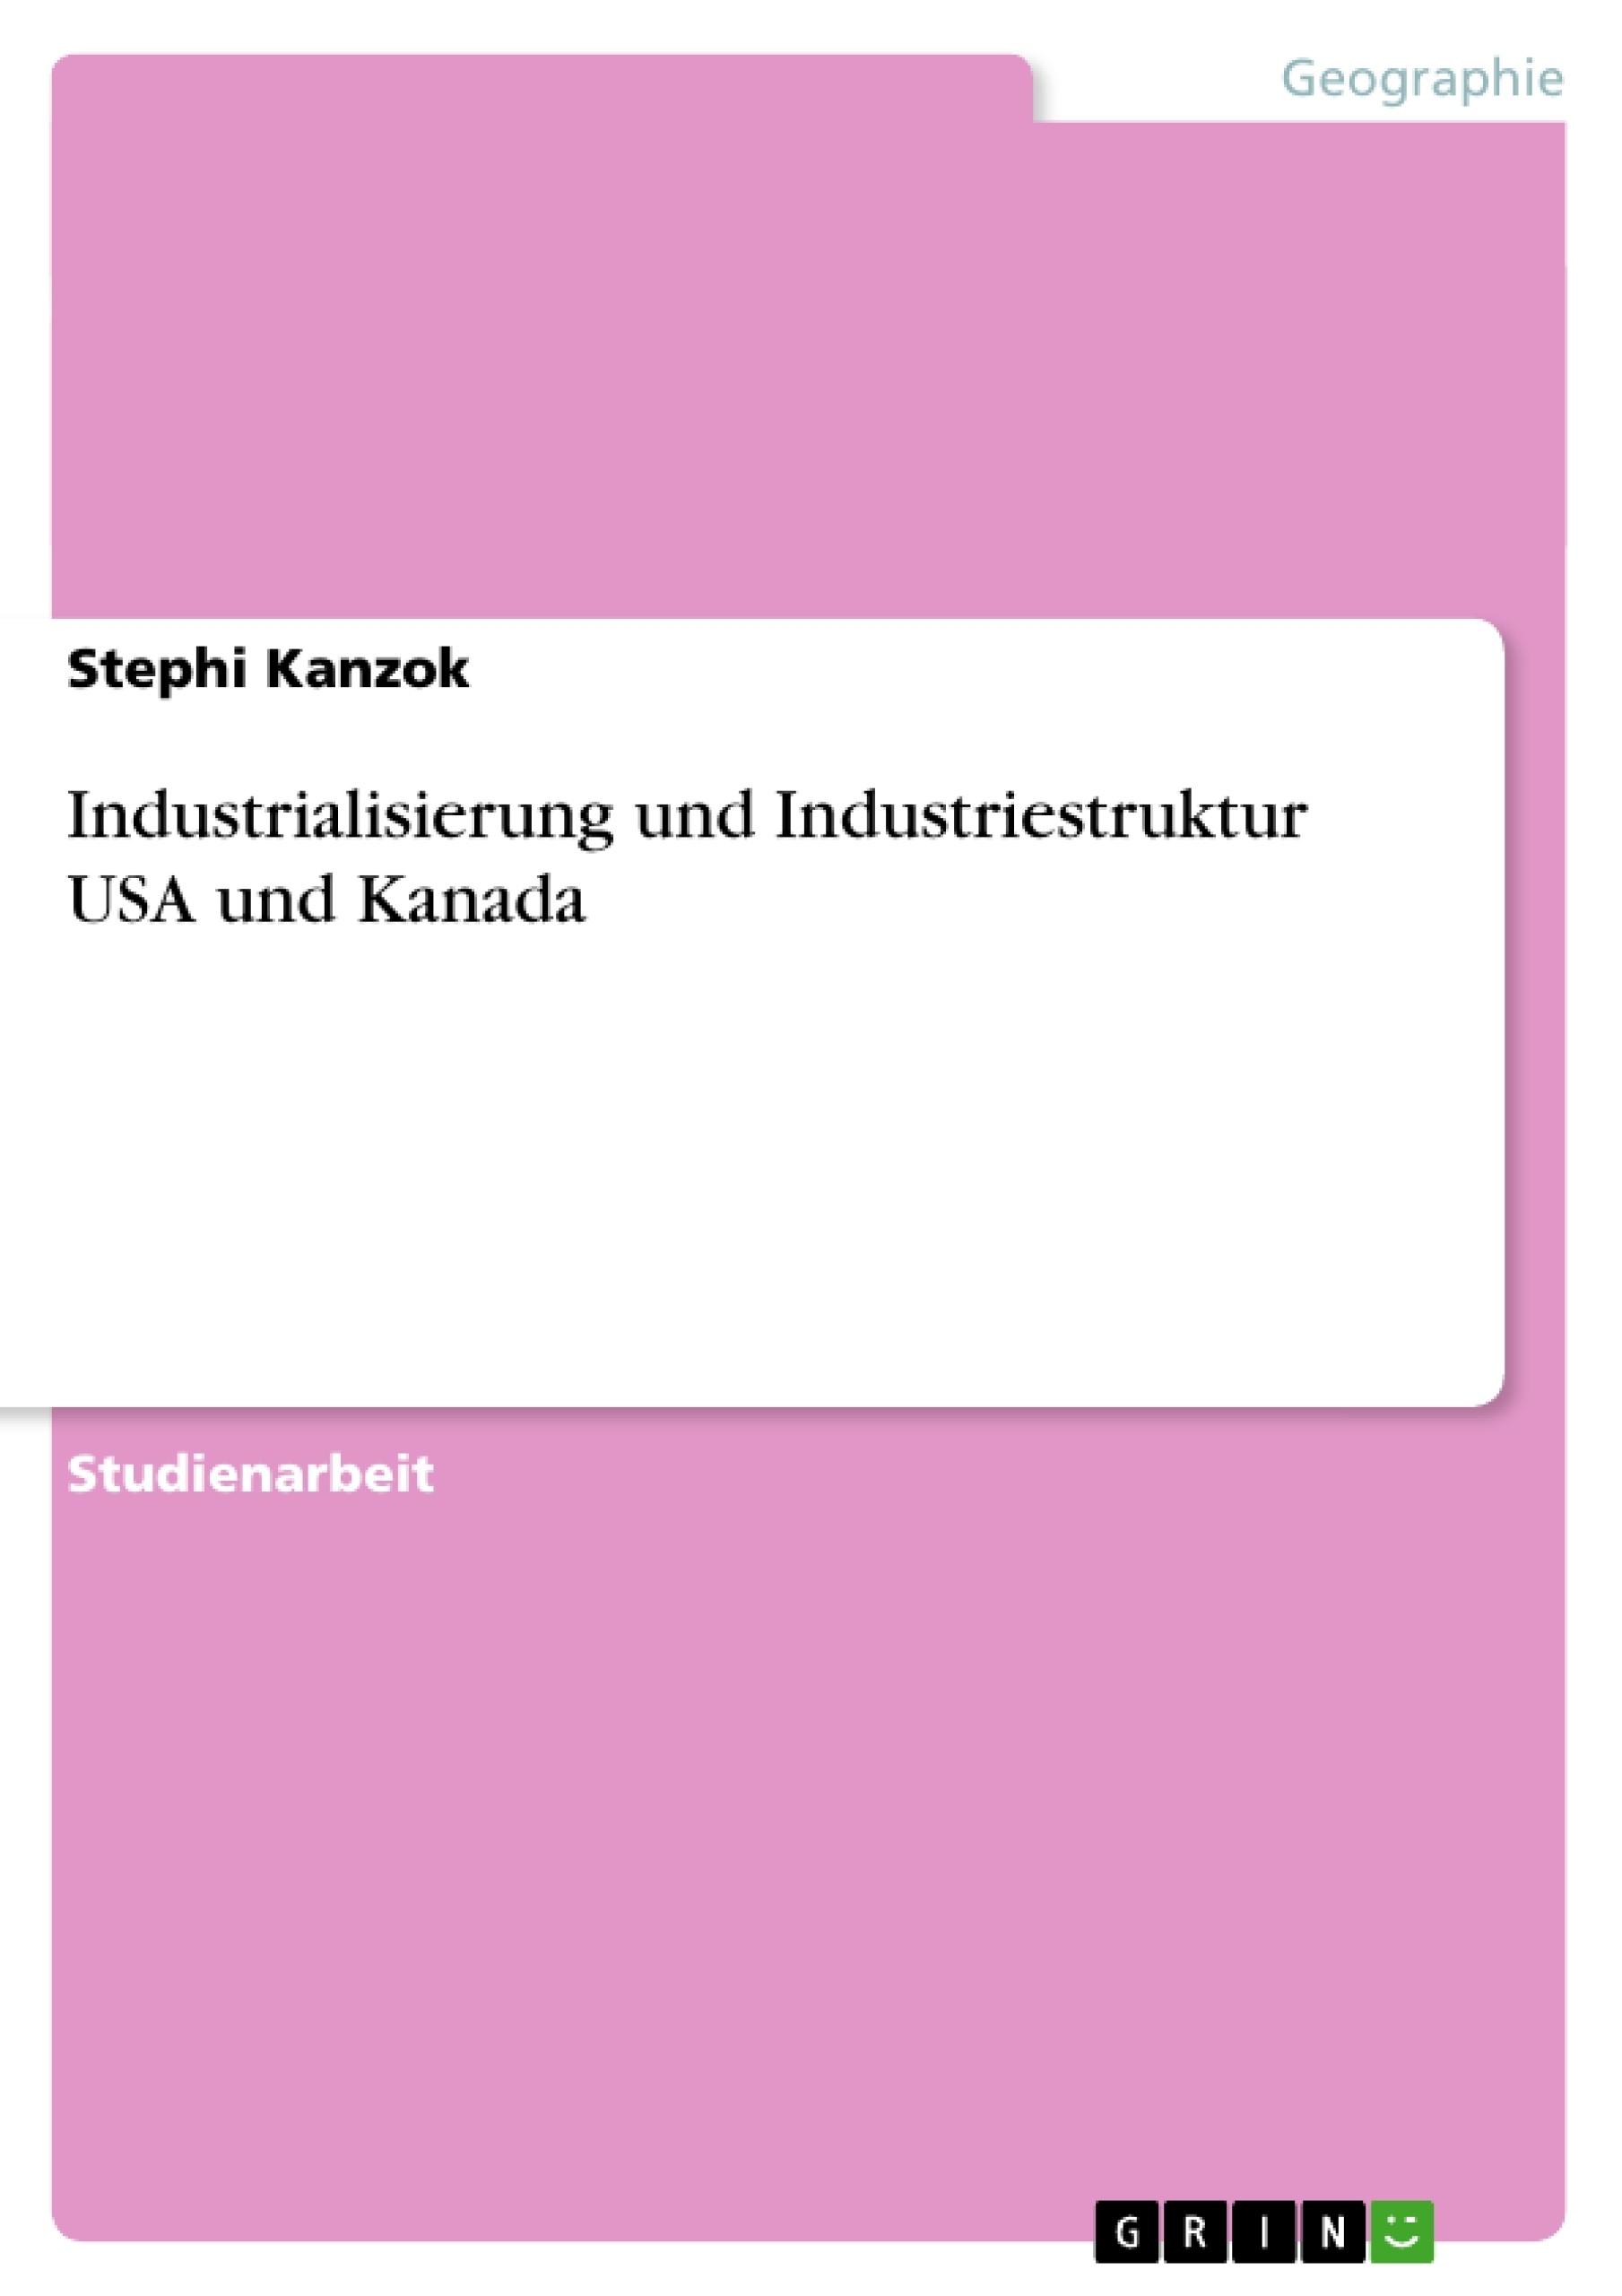 Titel: Industrialisierung und Industriestruktur USA und Kanada